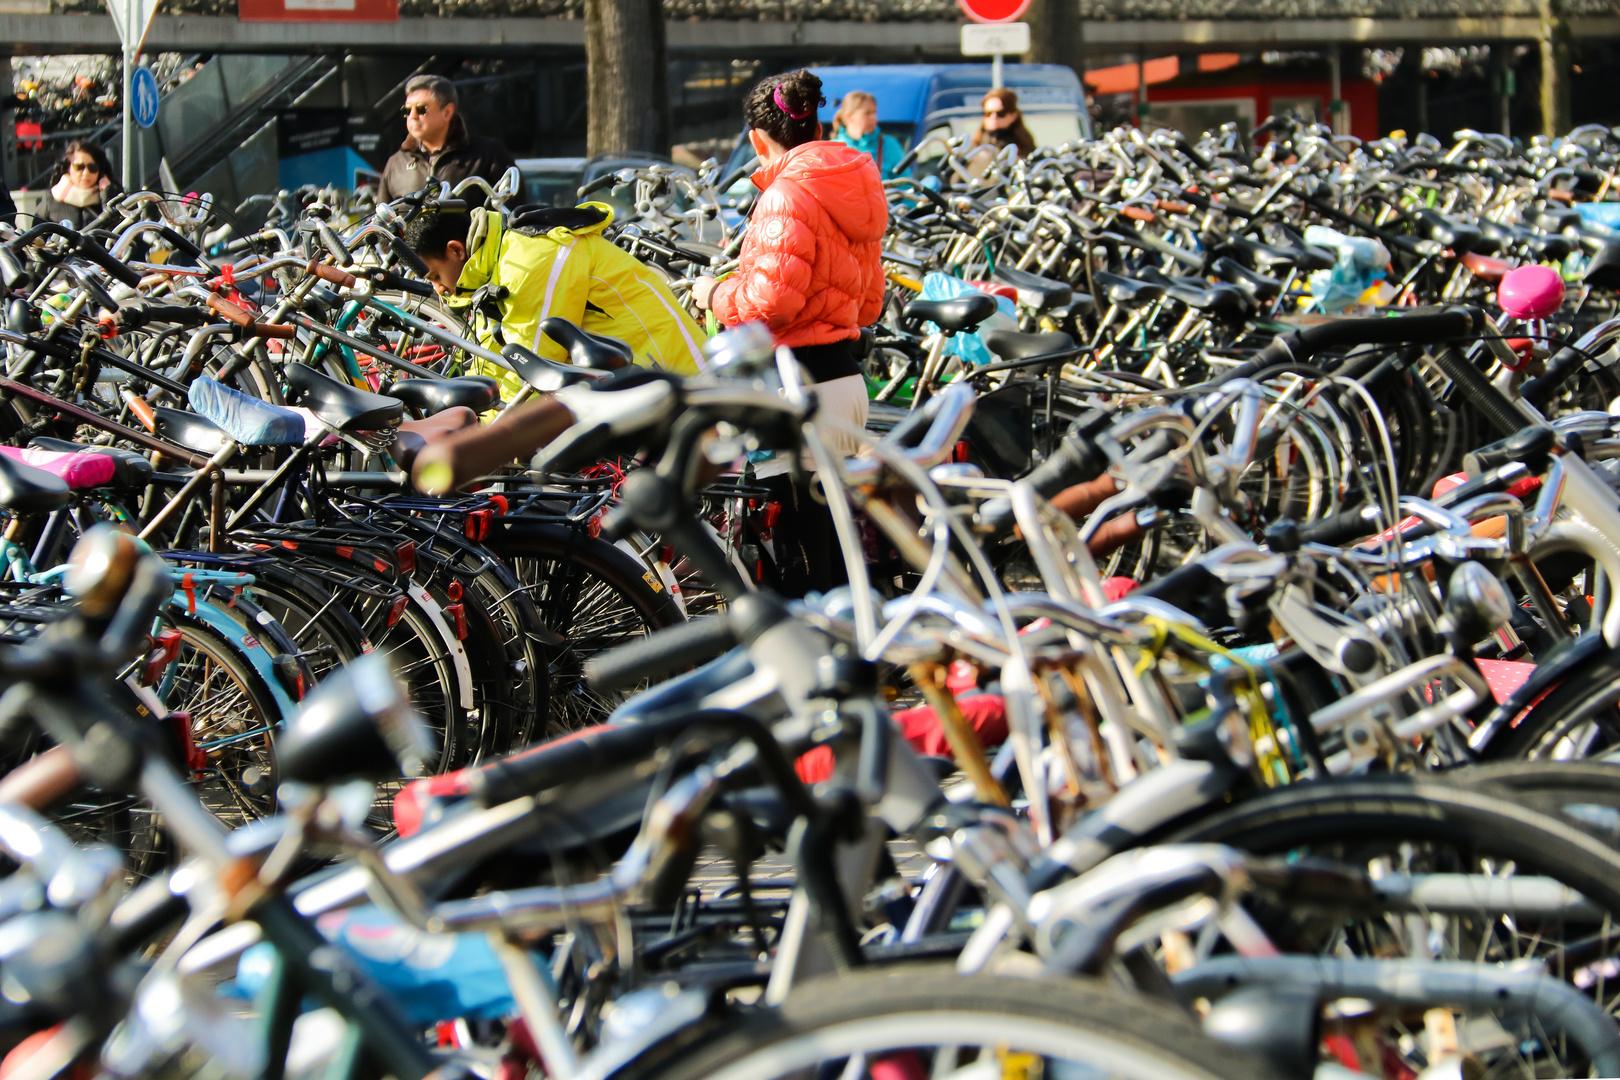 Where is my bike?